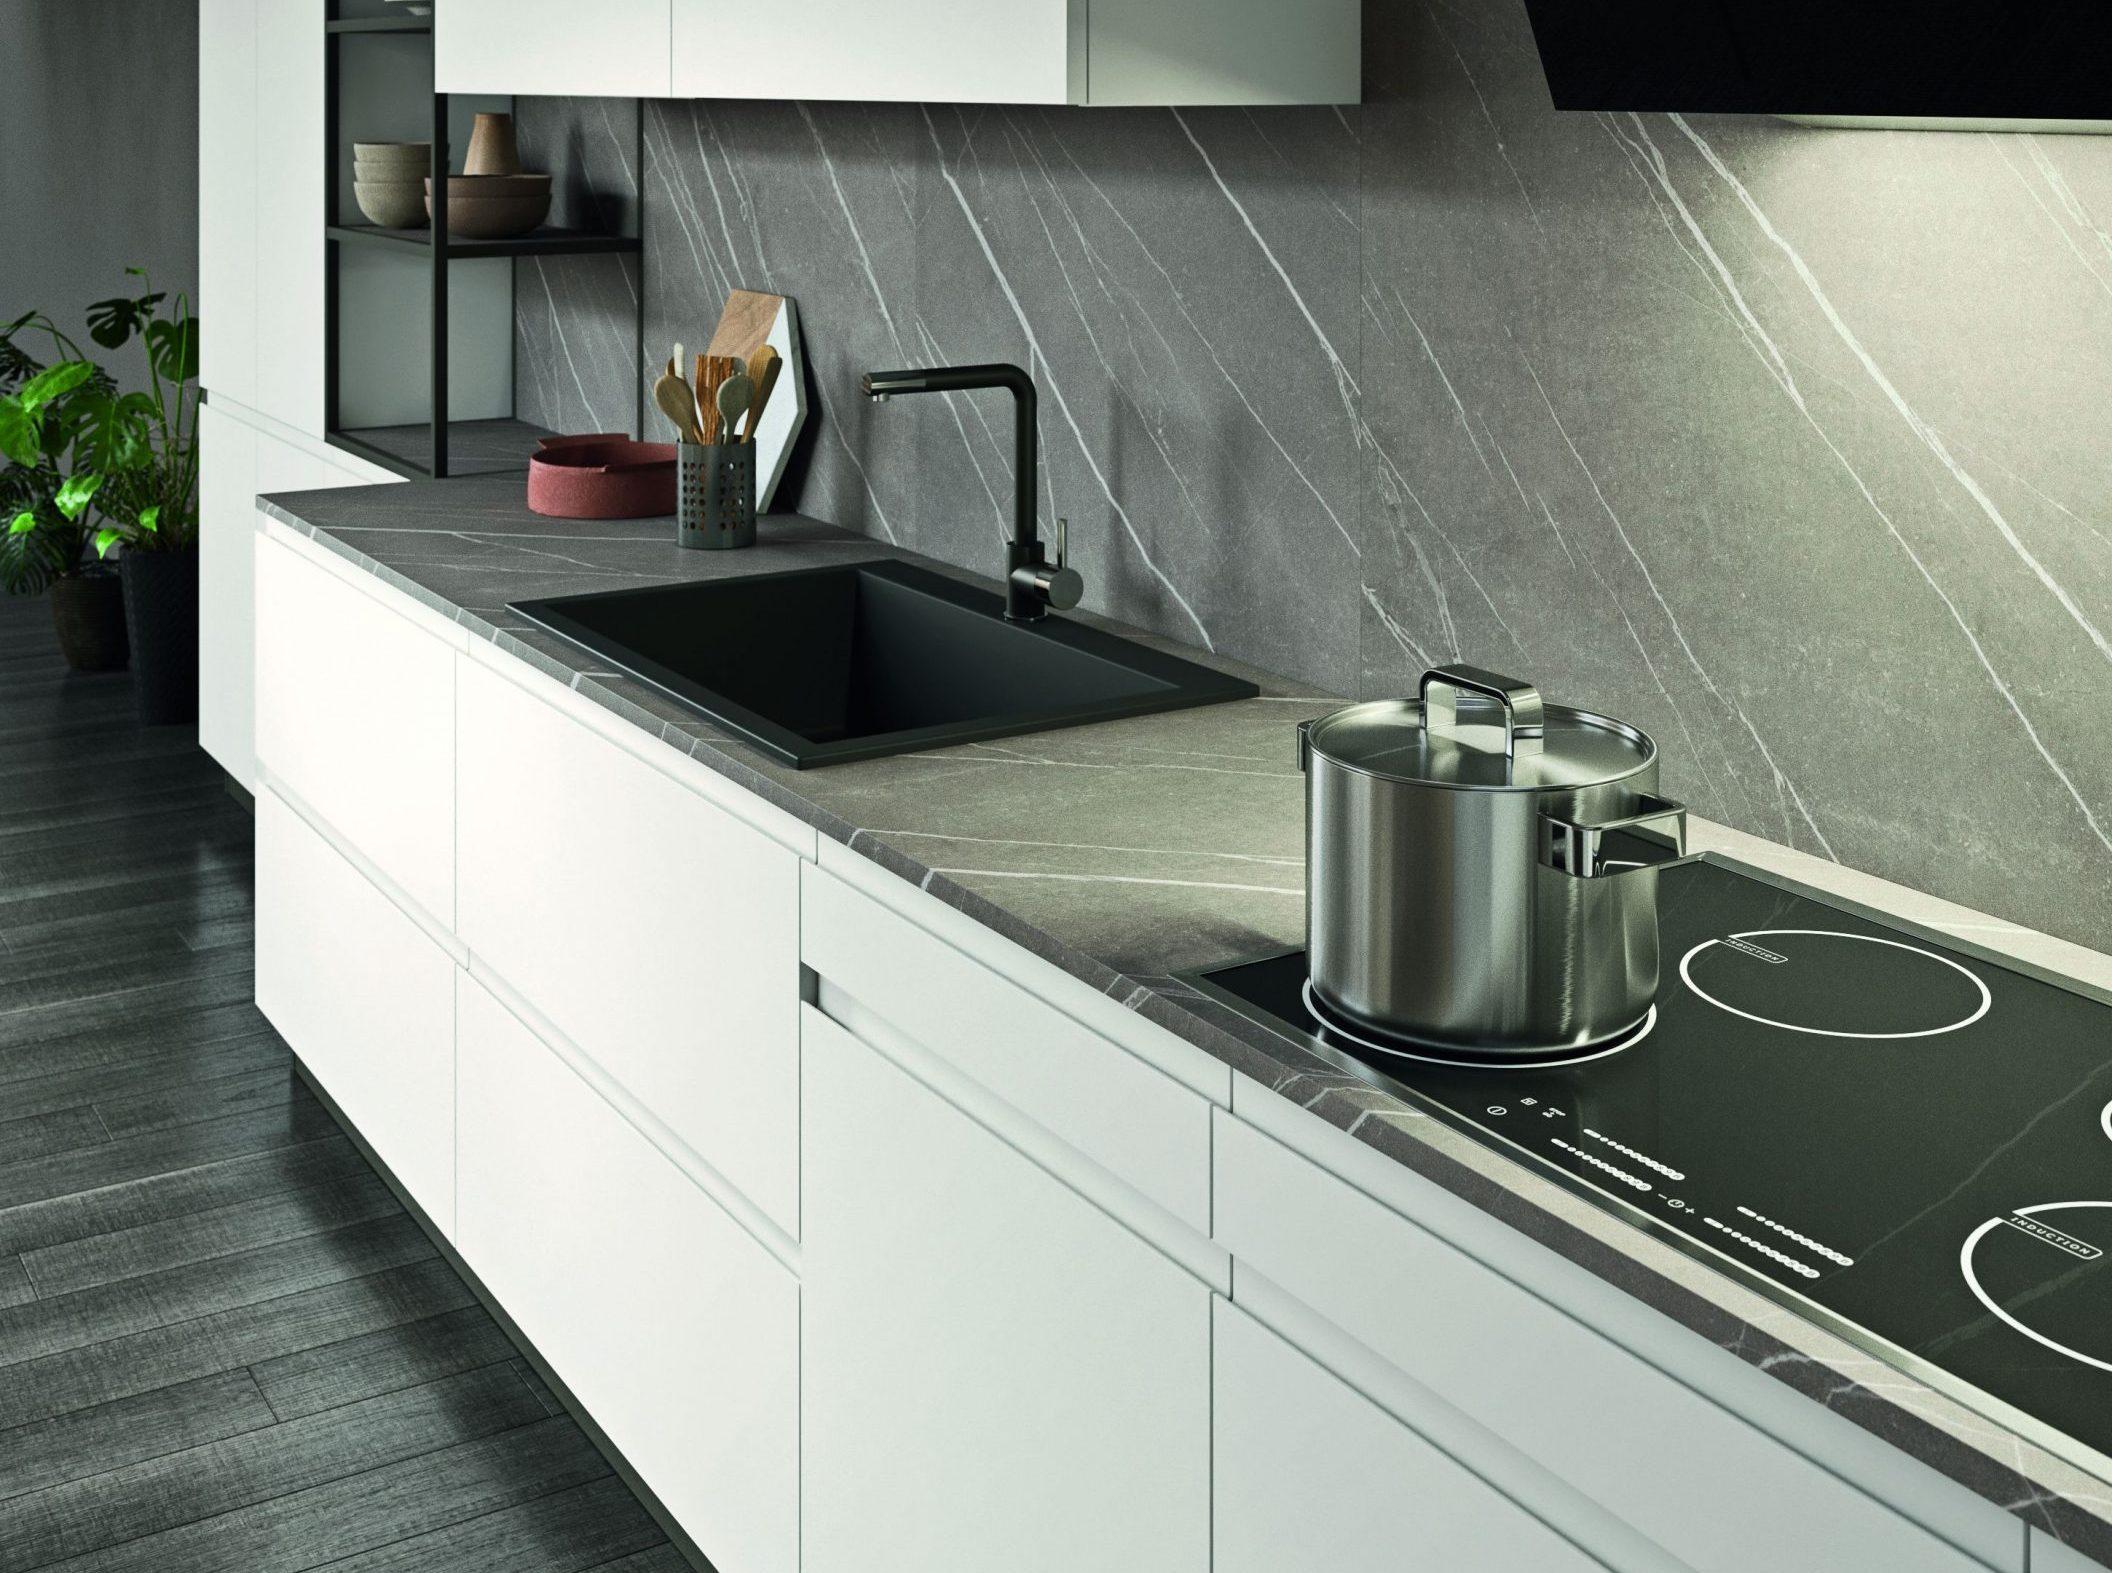 Piano cottura e lavello dello stesso colore del piano in una cucina bianca laccata .